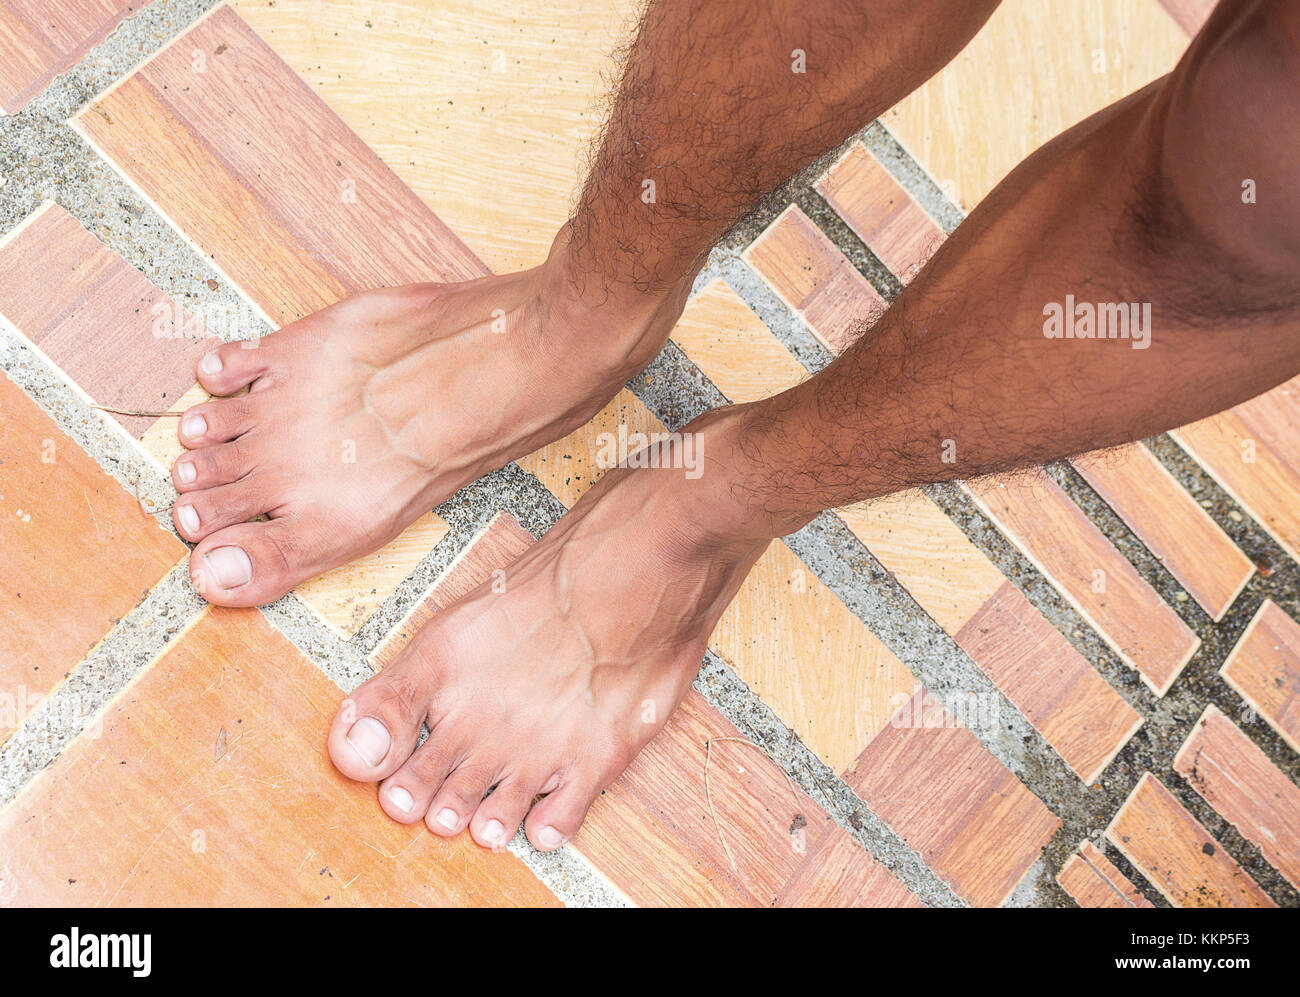 Maschio a piedi nudi sulle piastrelle del pavimento i poveri non i